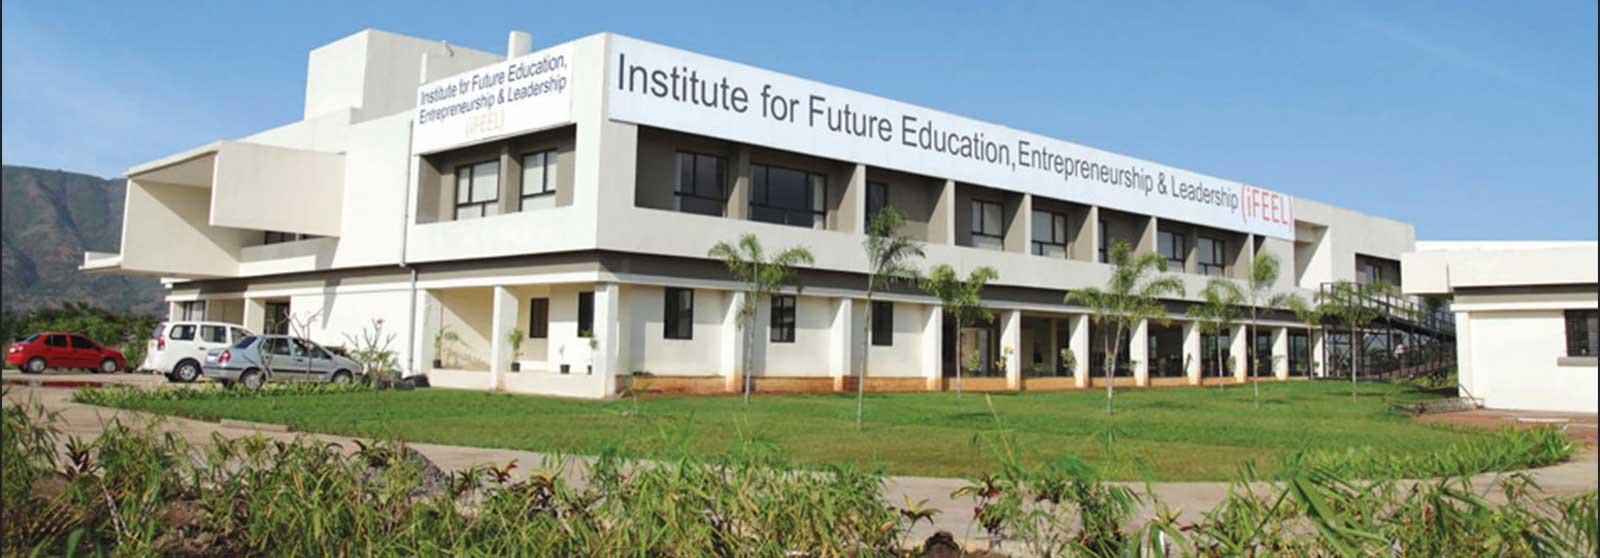 IFEEL Pune Lonavala Admission 2020